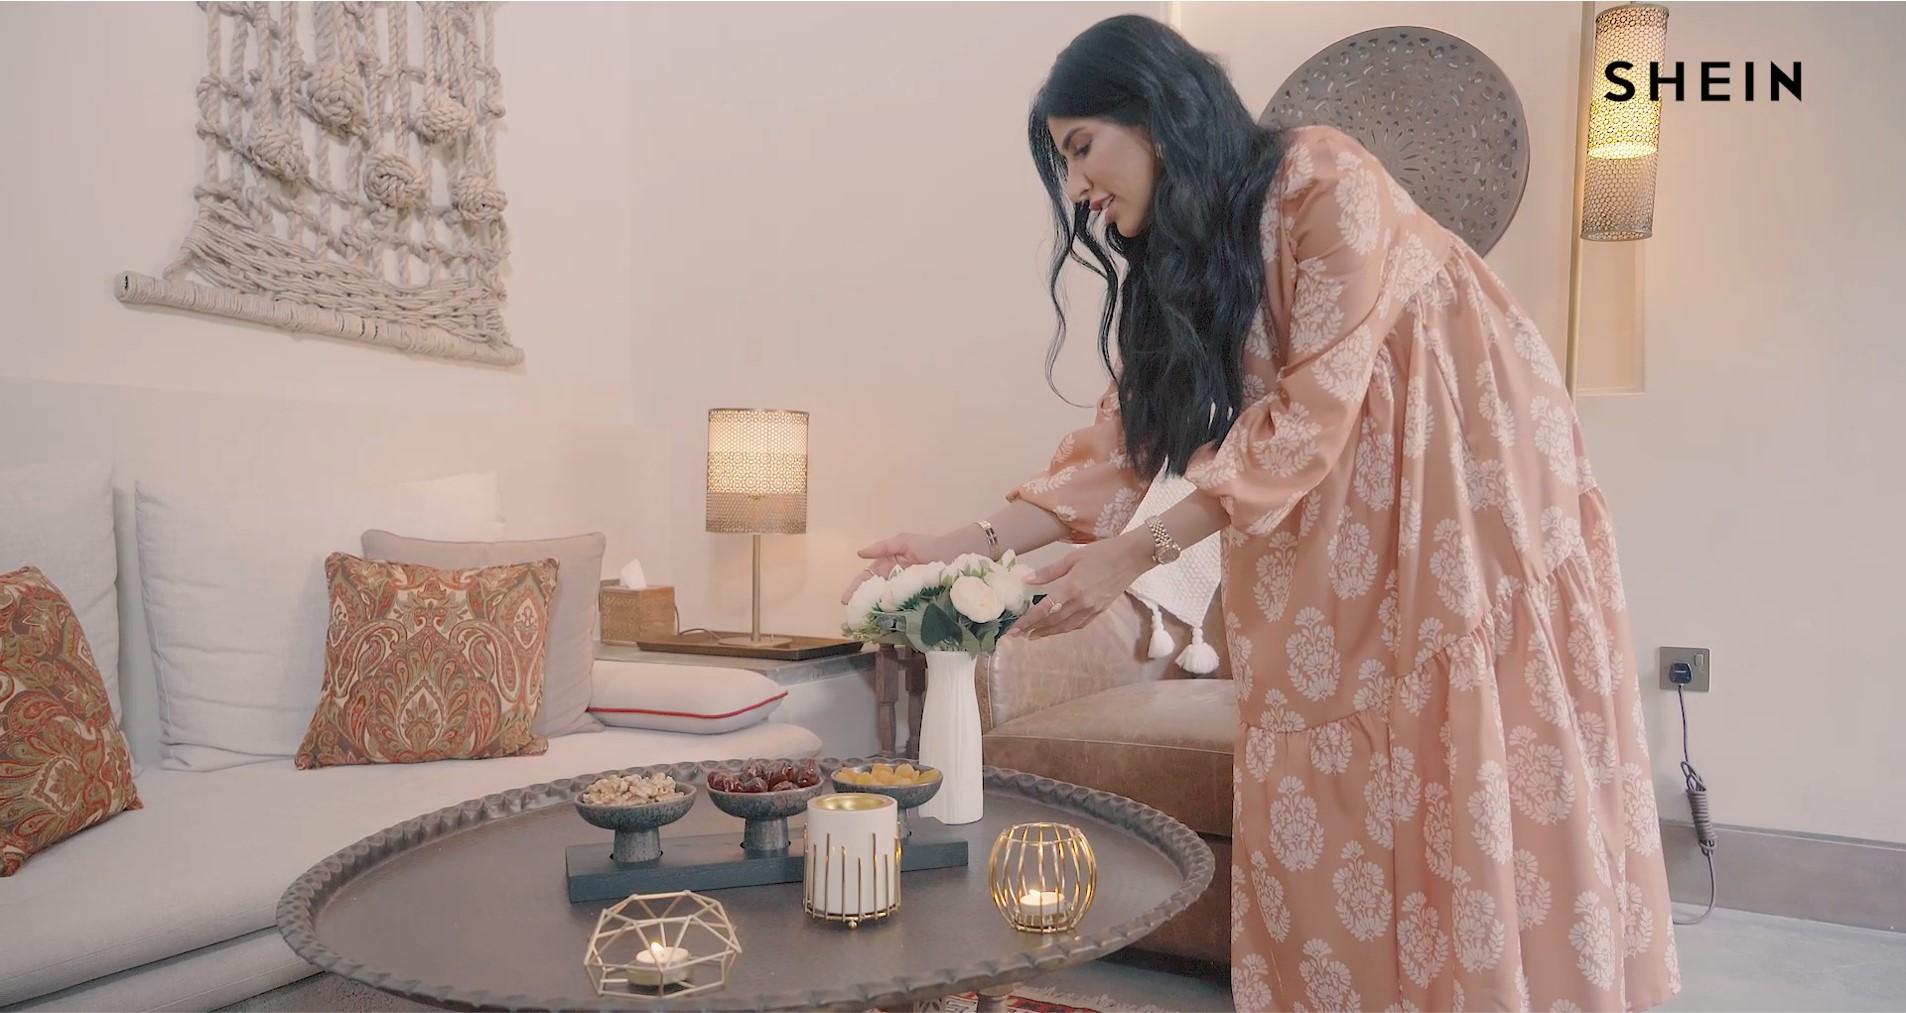 أفكار ونصائح طاولة رمضان المزينة الملكية من SHEIN